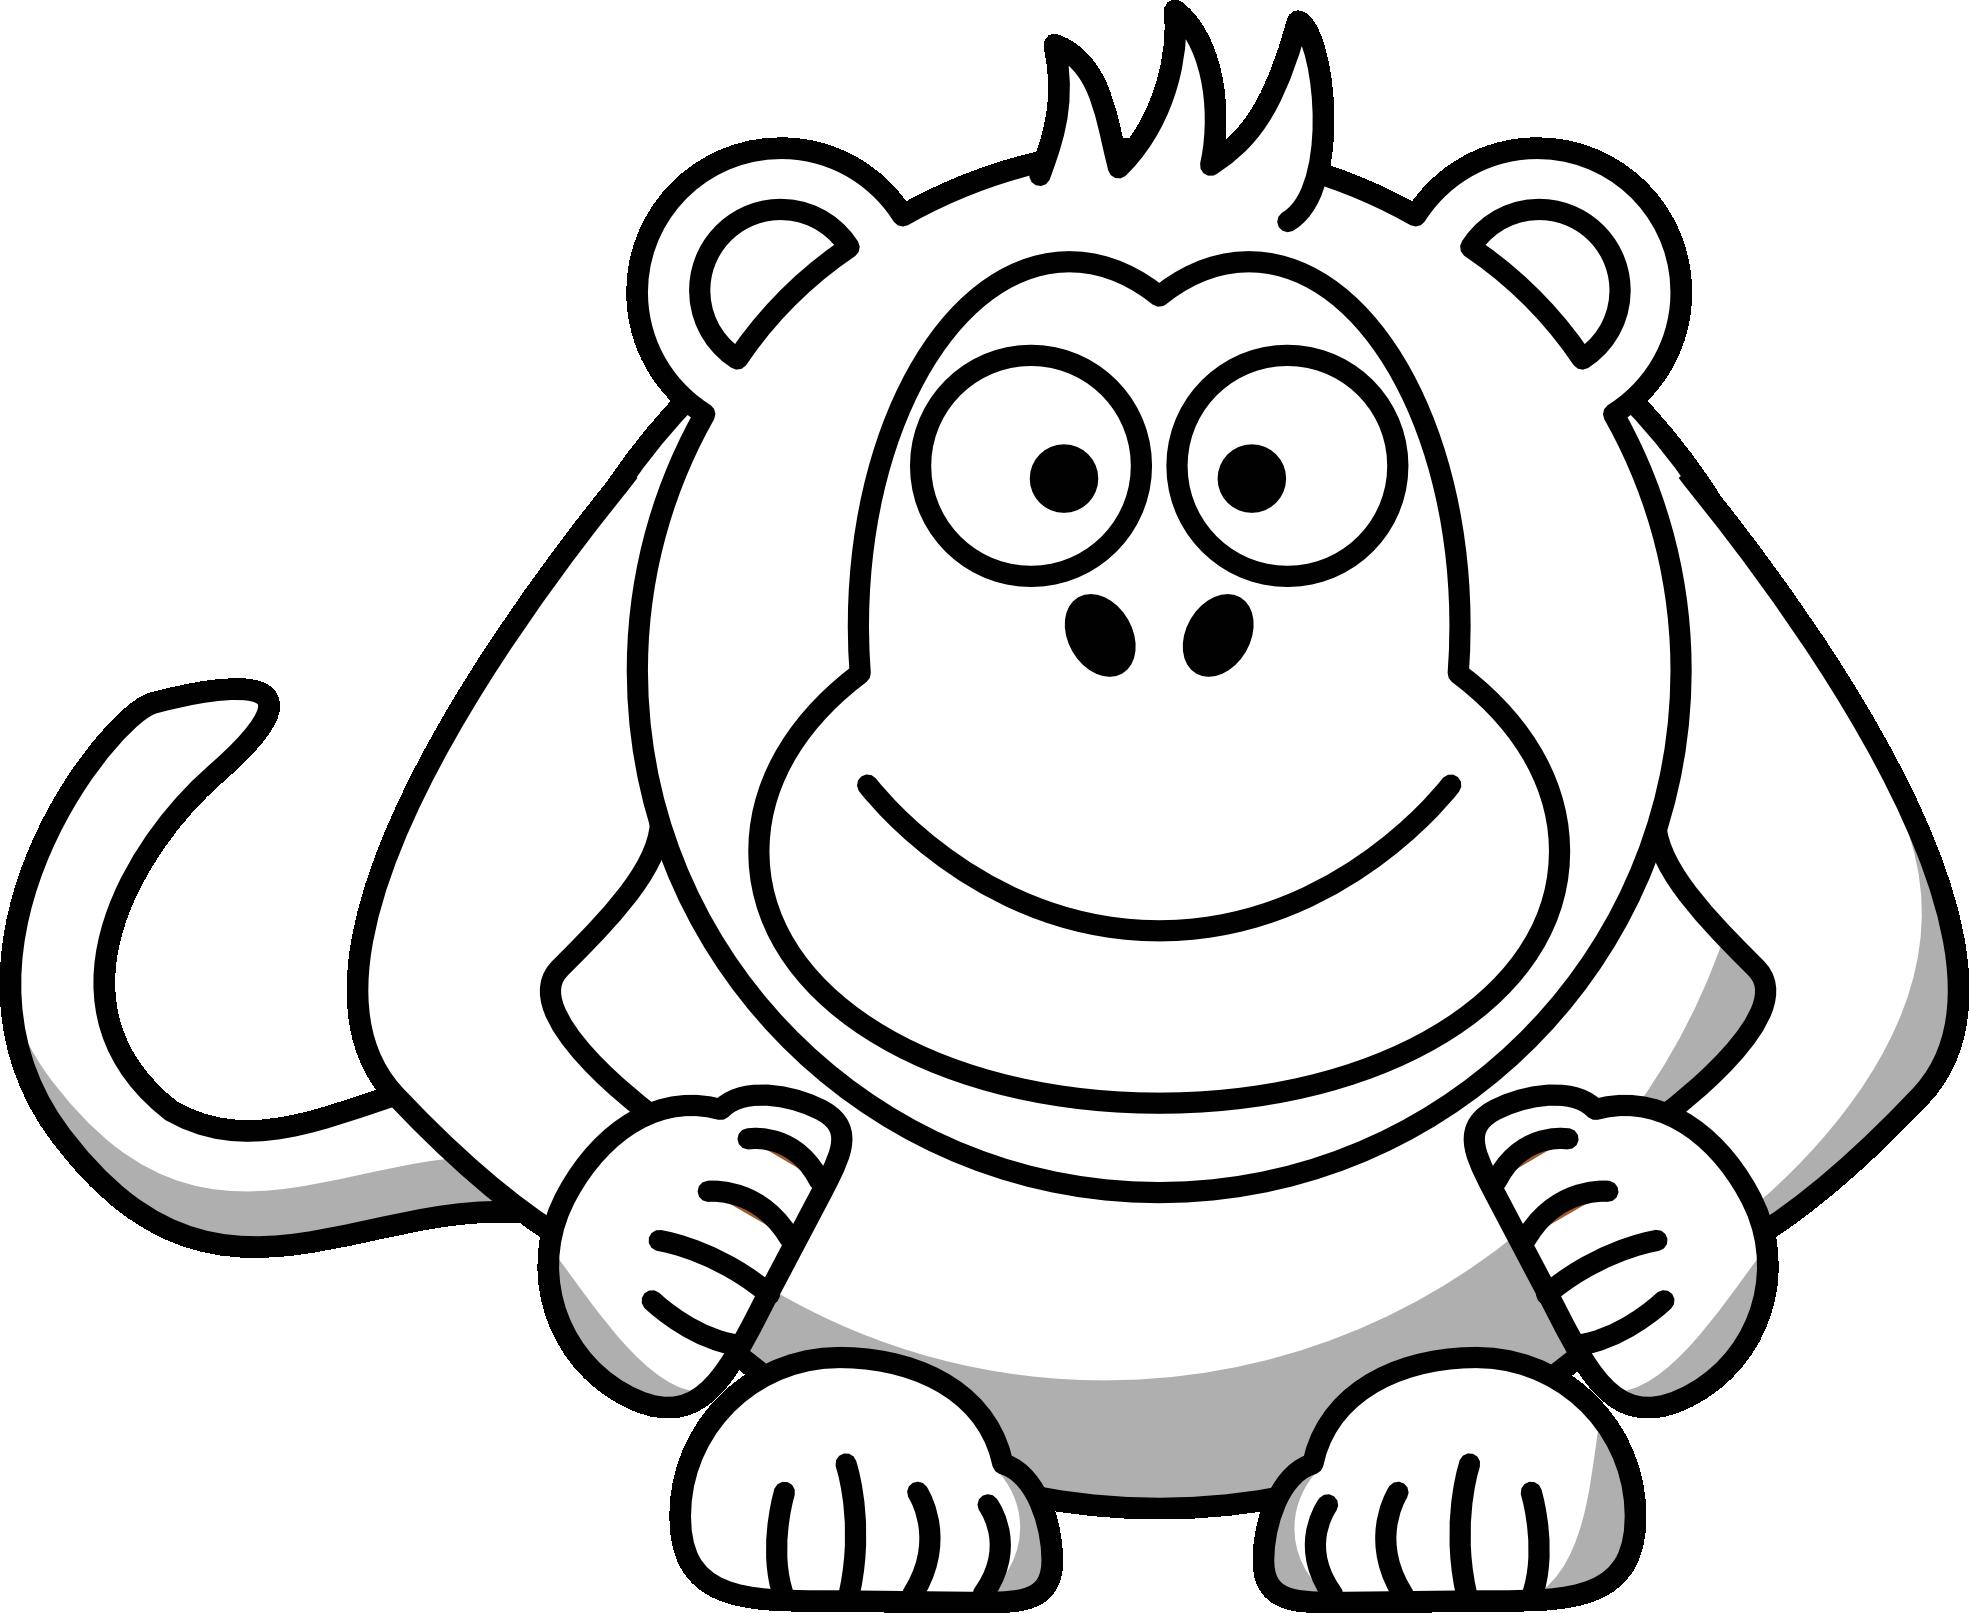 Cartoon clipart black and white Cartoon  Clipart White Black